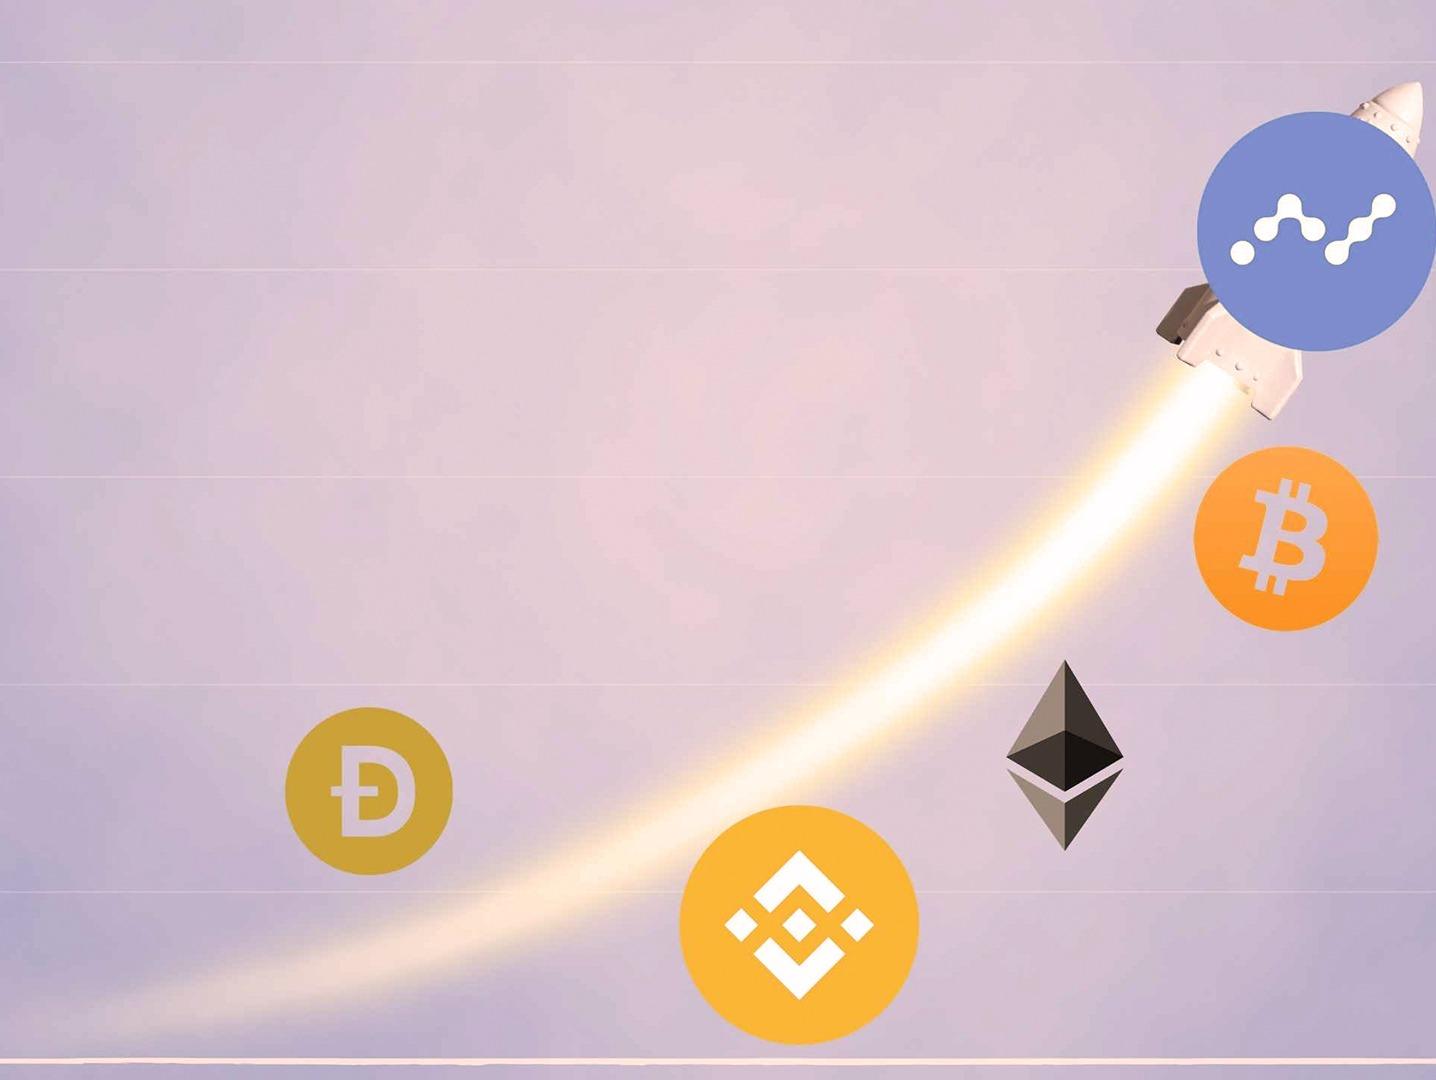 ¿cuál es la mejor inversión en criptomonedas o compañías de cadenas de bloques reales? cual es el mejor bitcoin para invertir